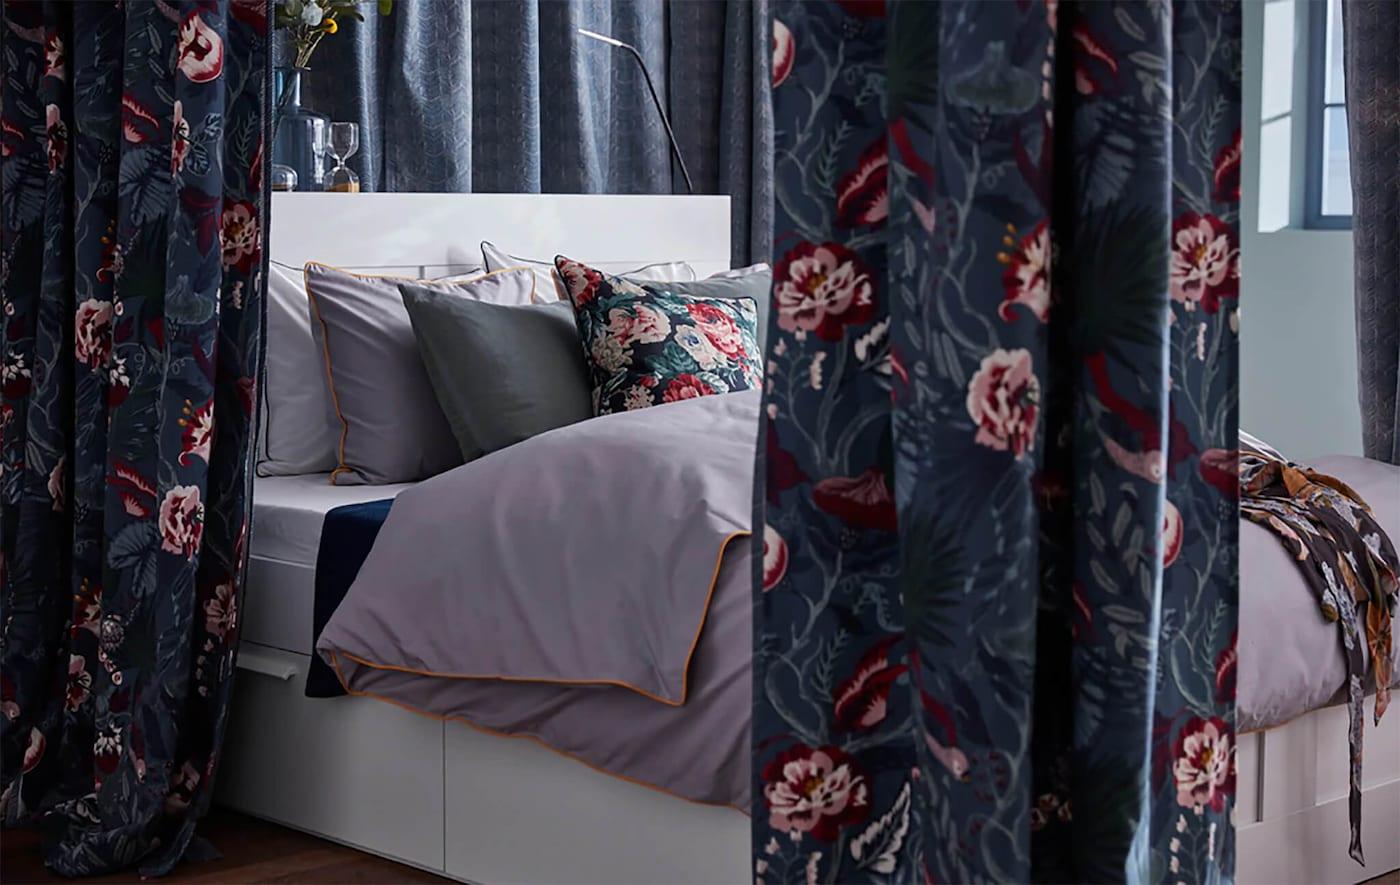 Рядом с кроватью висят несколько гардин из темно-синей ткани ИКЕА ФИЛОДЕНДРОН с цветочными узорами.